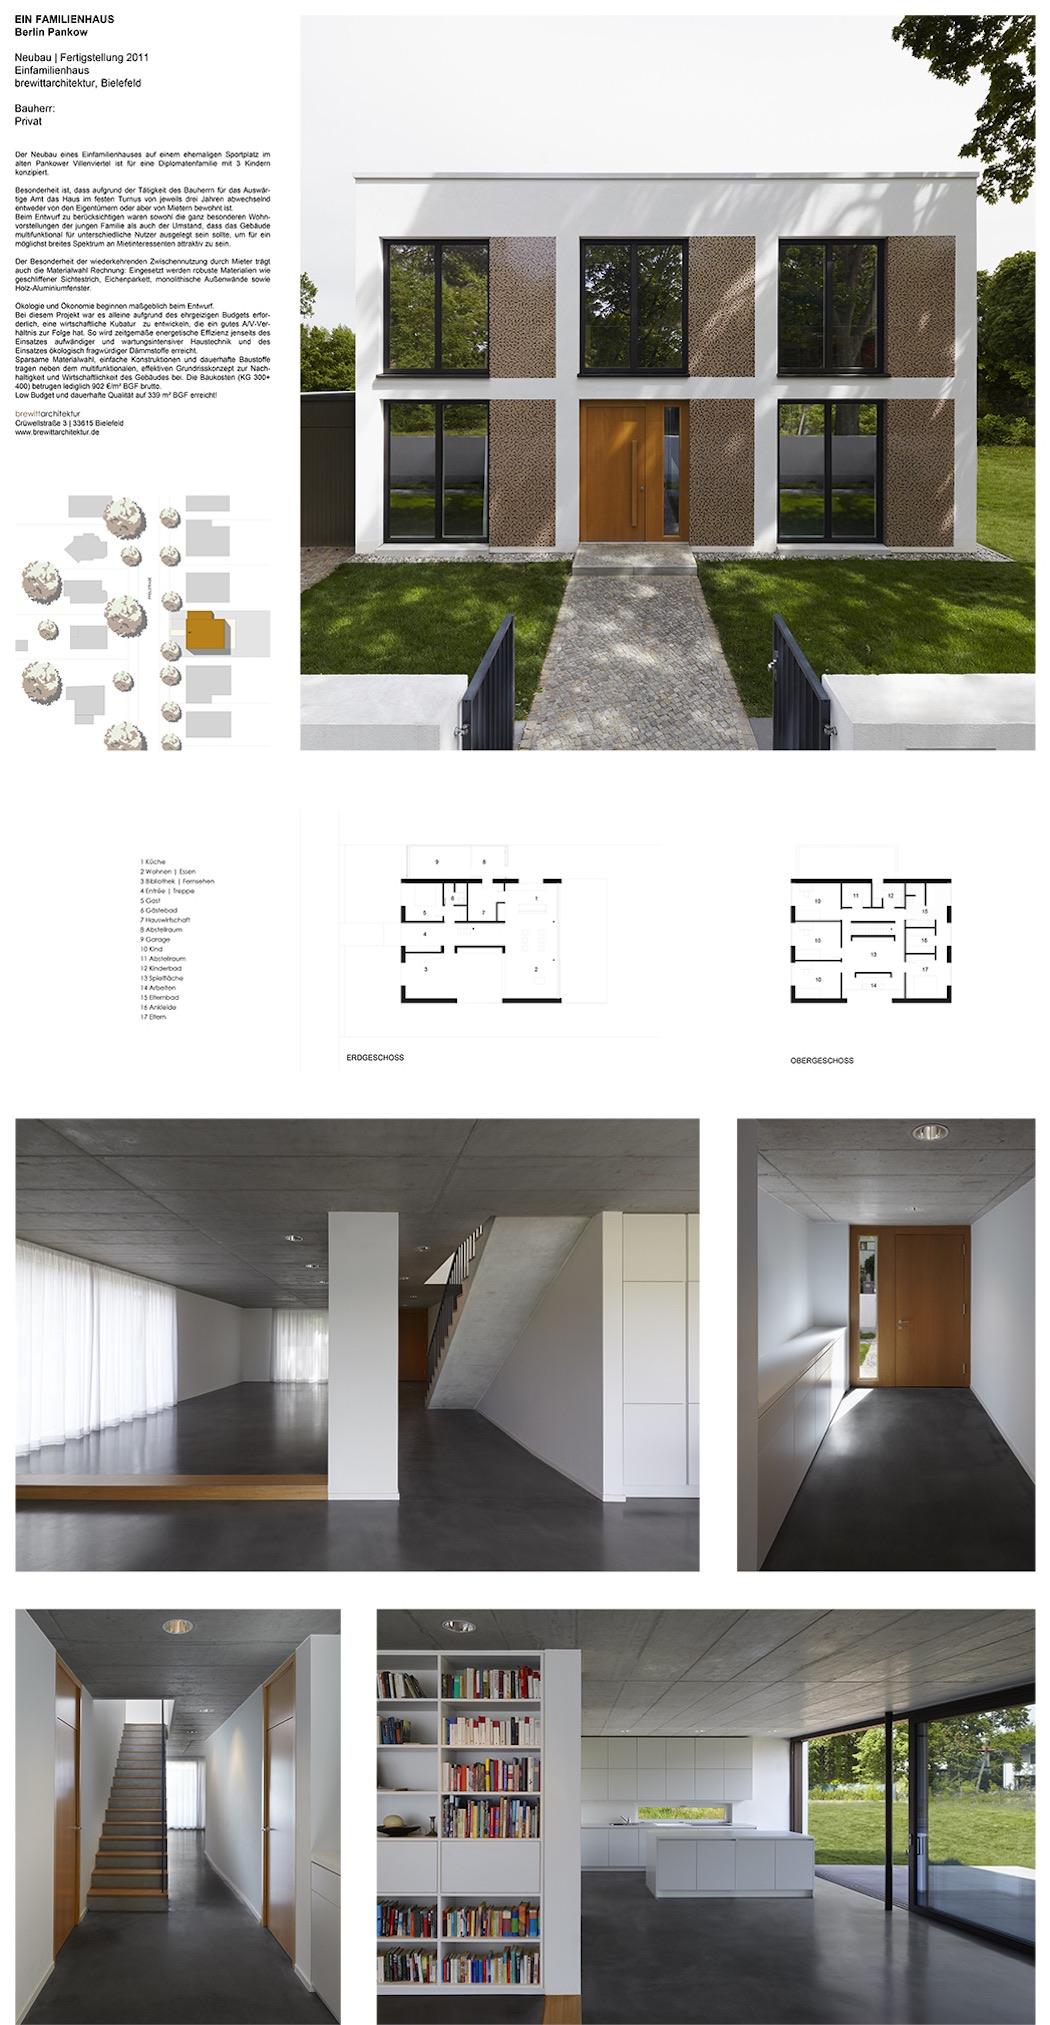 Projekte und preistr ger 2015 bda berlin publikumspreis for Familienhaus berlin